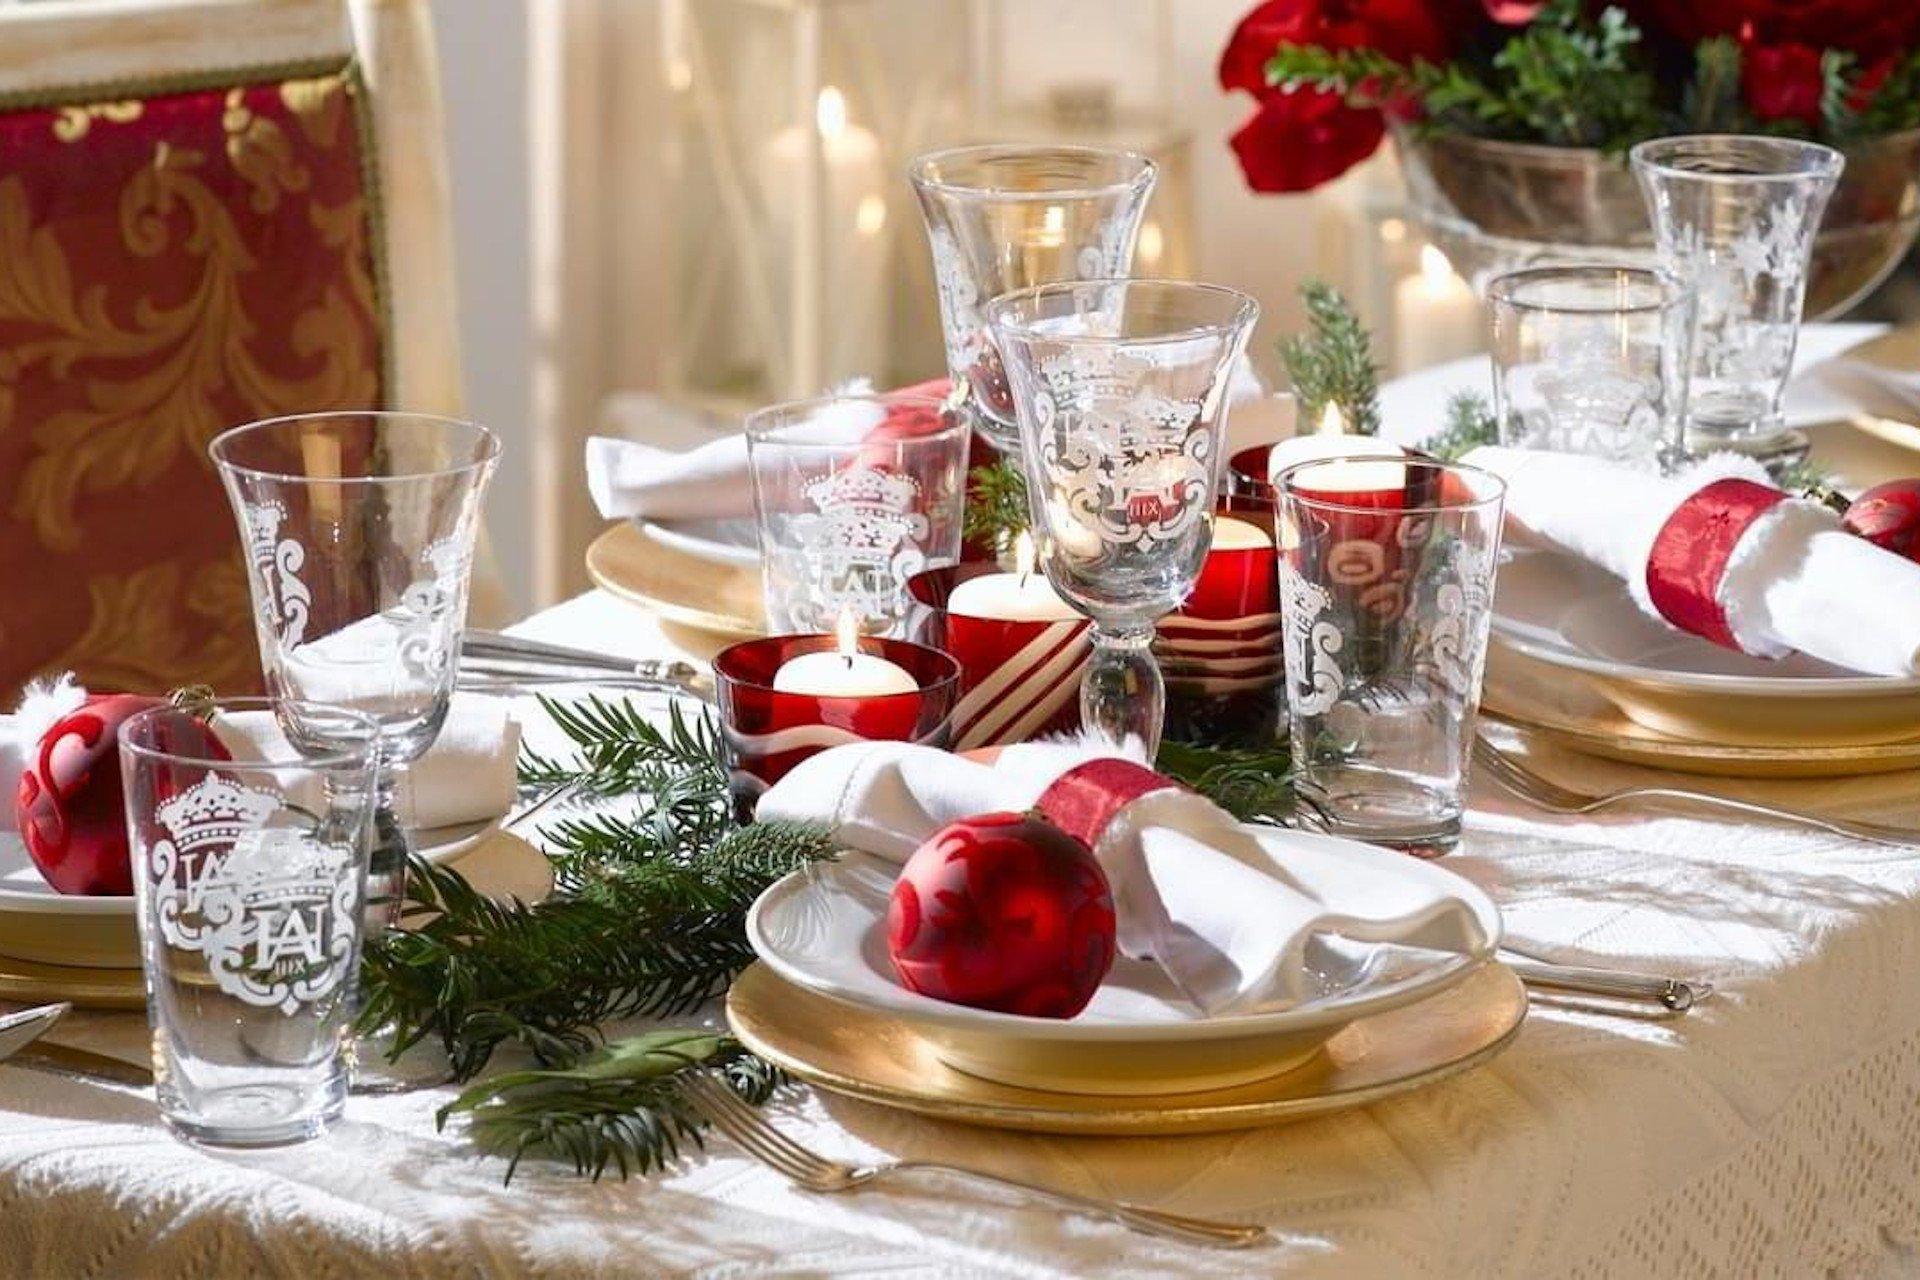 Arredare Tavola Natale come apparecchiare la tavola per il natale - crumbs of life